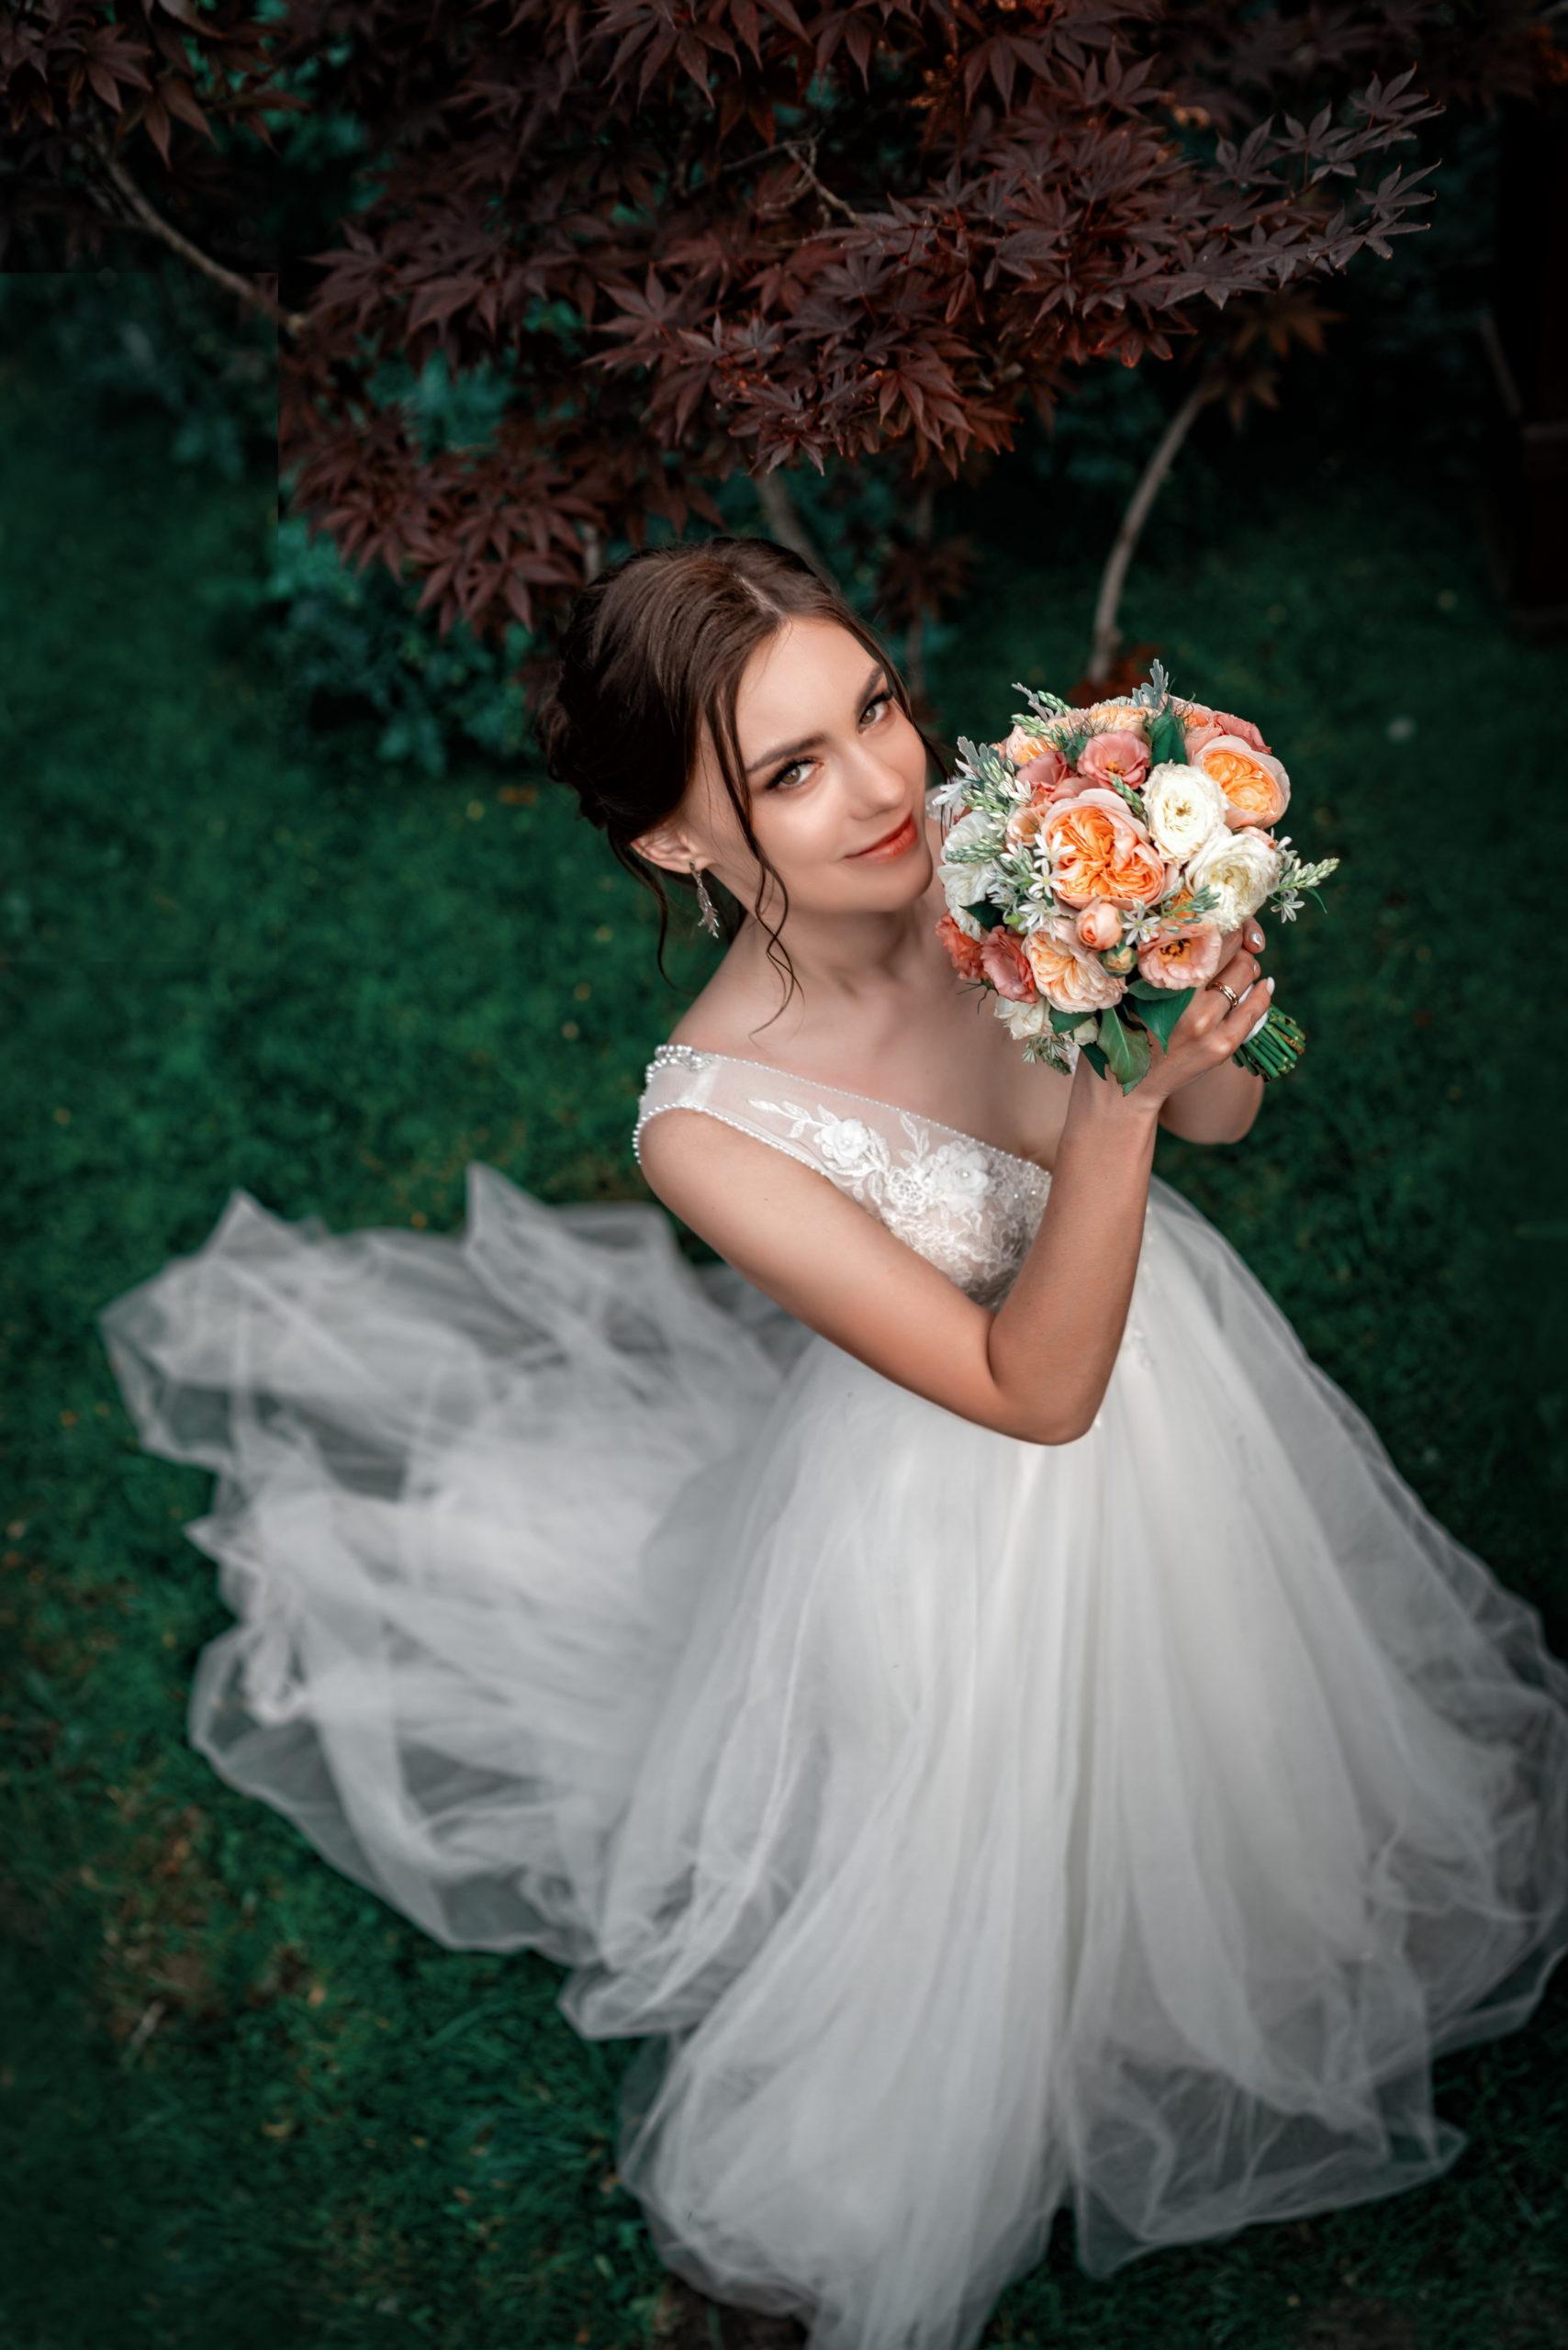 Вечерняя свадебная съёмка в локациях Райский берег от Краснодарского свадебного фотографа